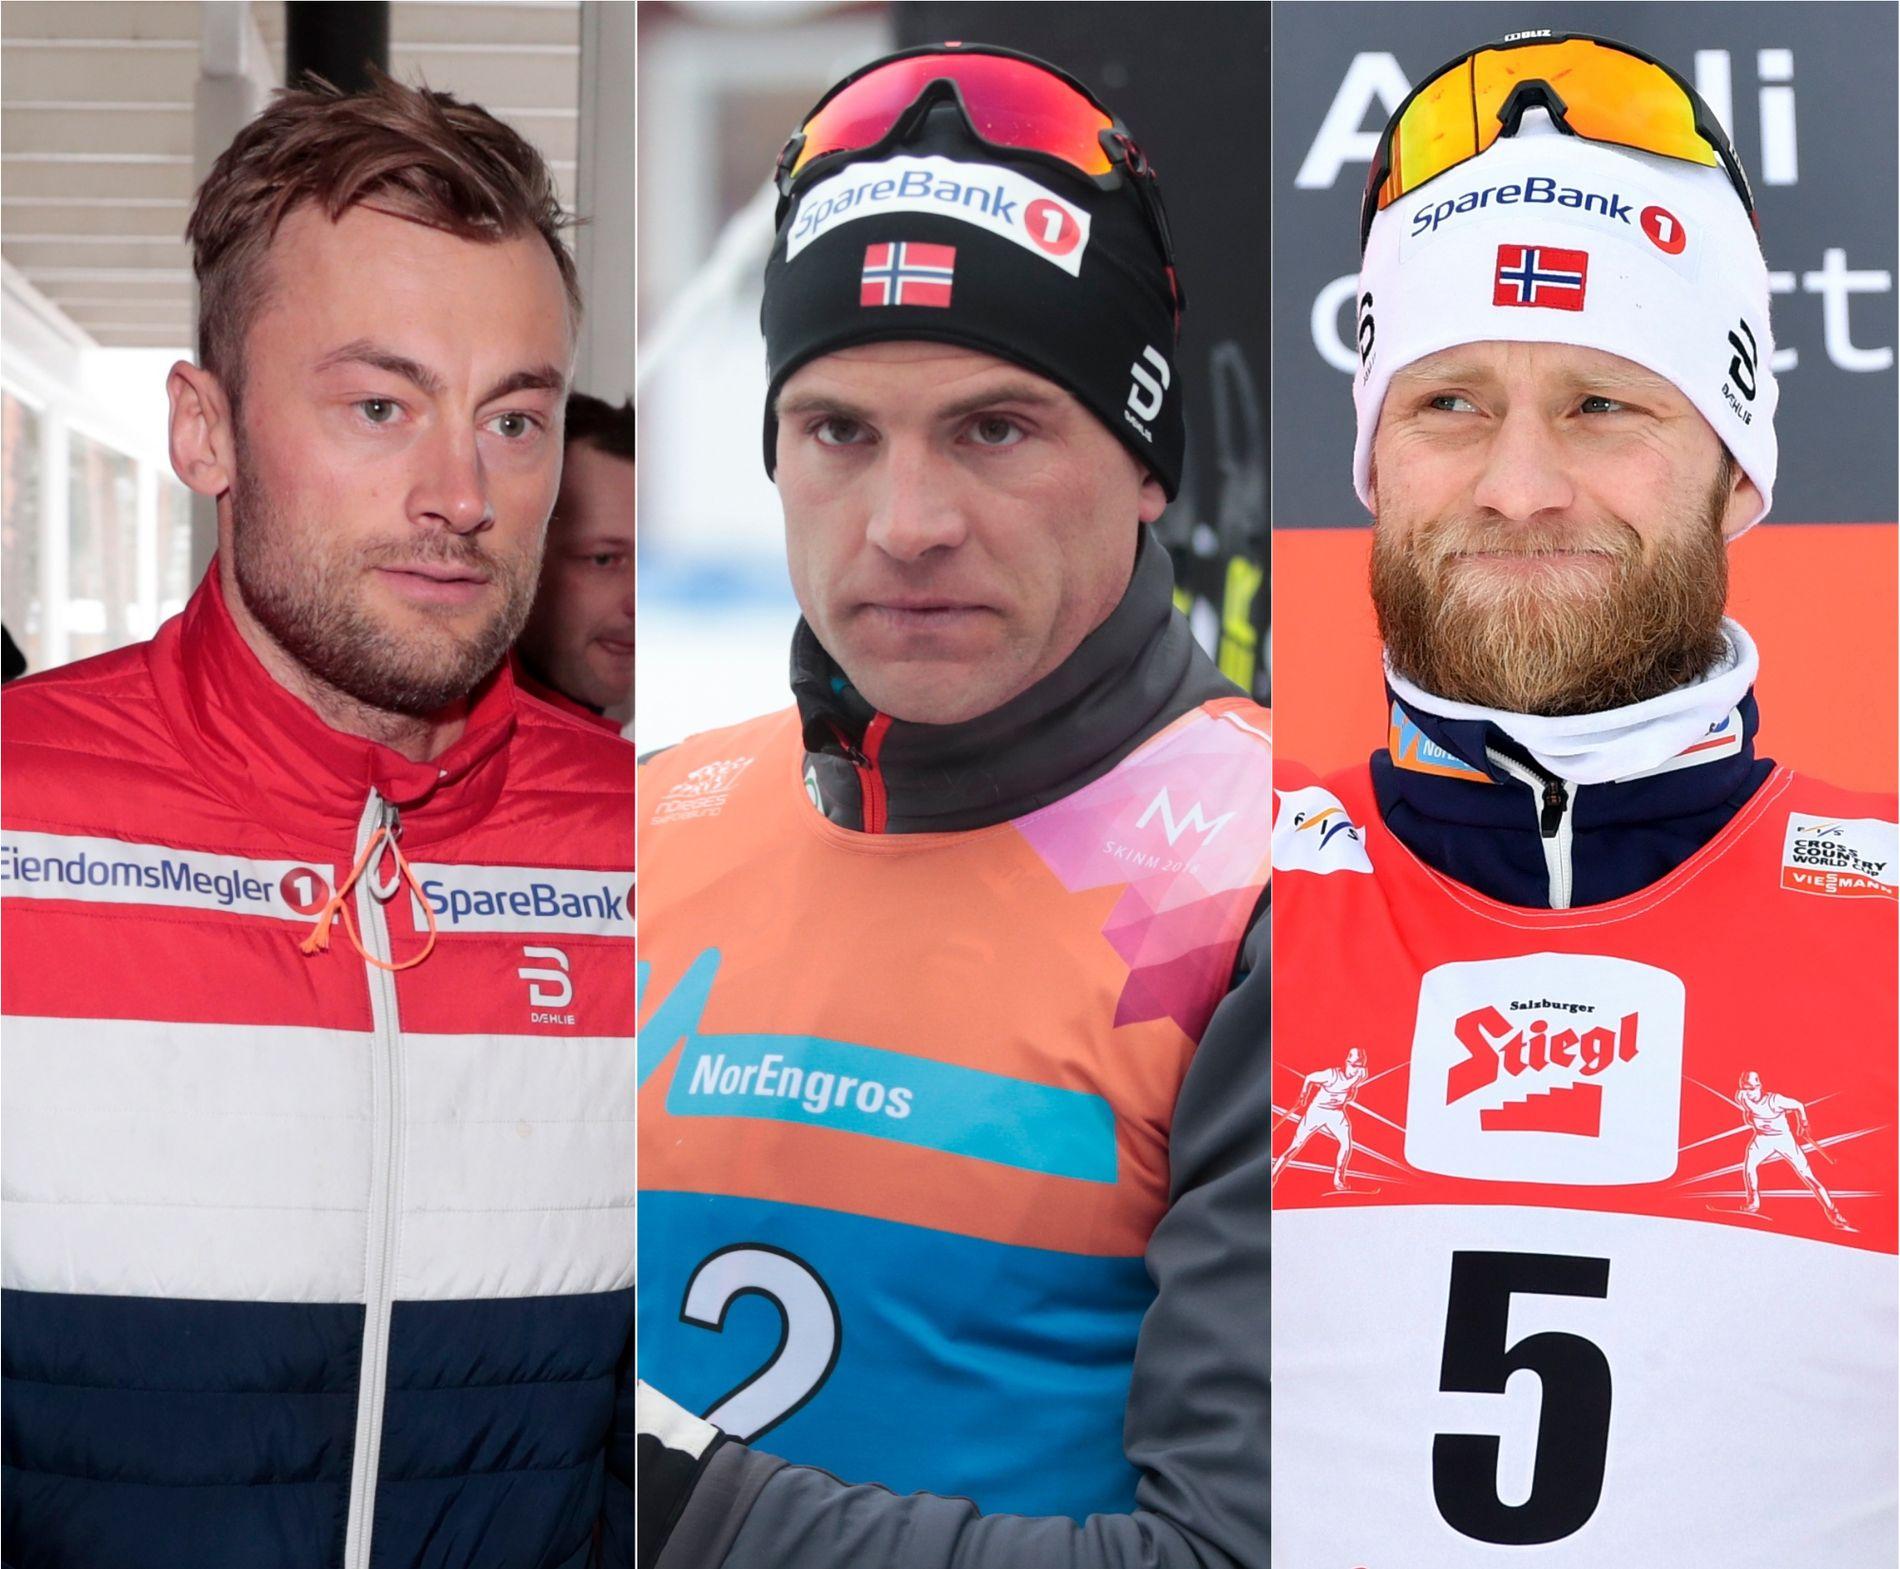 ENDRINGER: Hverken Petter Northug, Niklas Dyrhaug eller Martin Johnsrud Sundby har kunne gjøre treningen helt som planlagt i sommer.